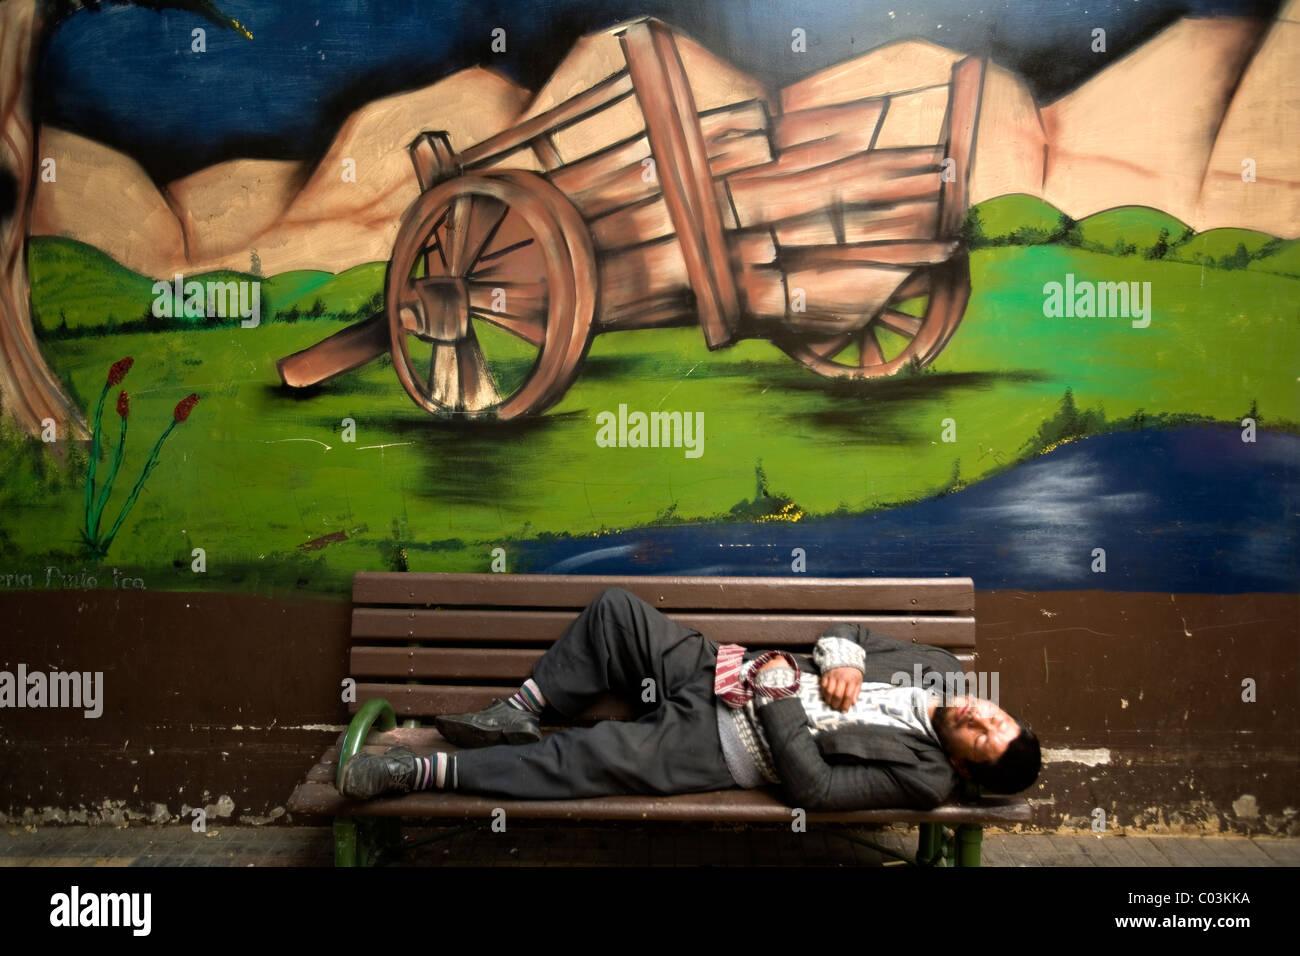 Hombre Durmiendo En Un Banco En El Mercado Anibal Pinto De Temuco